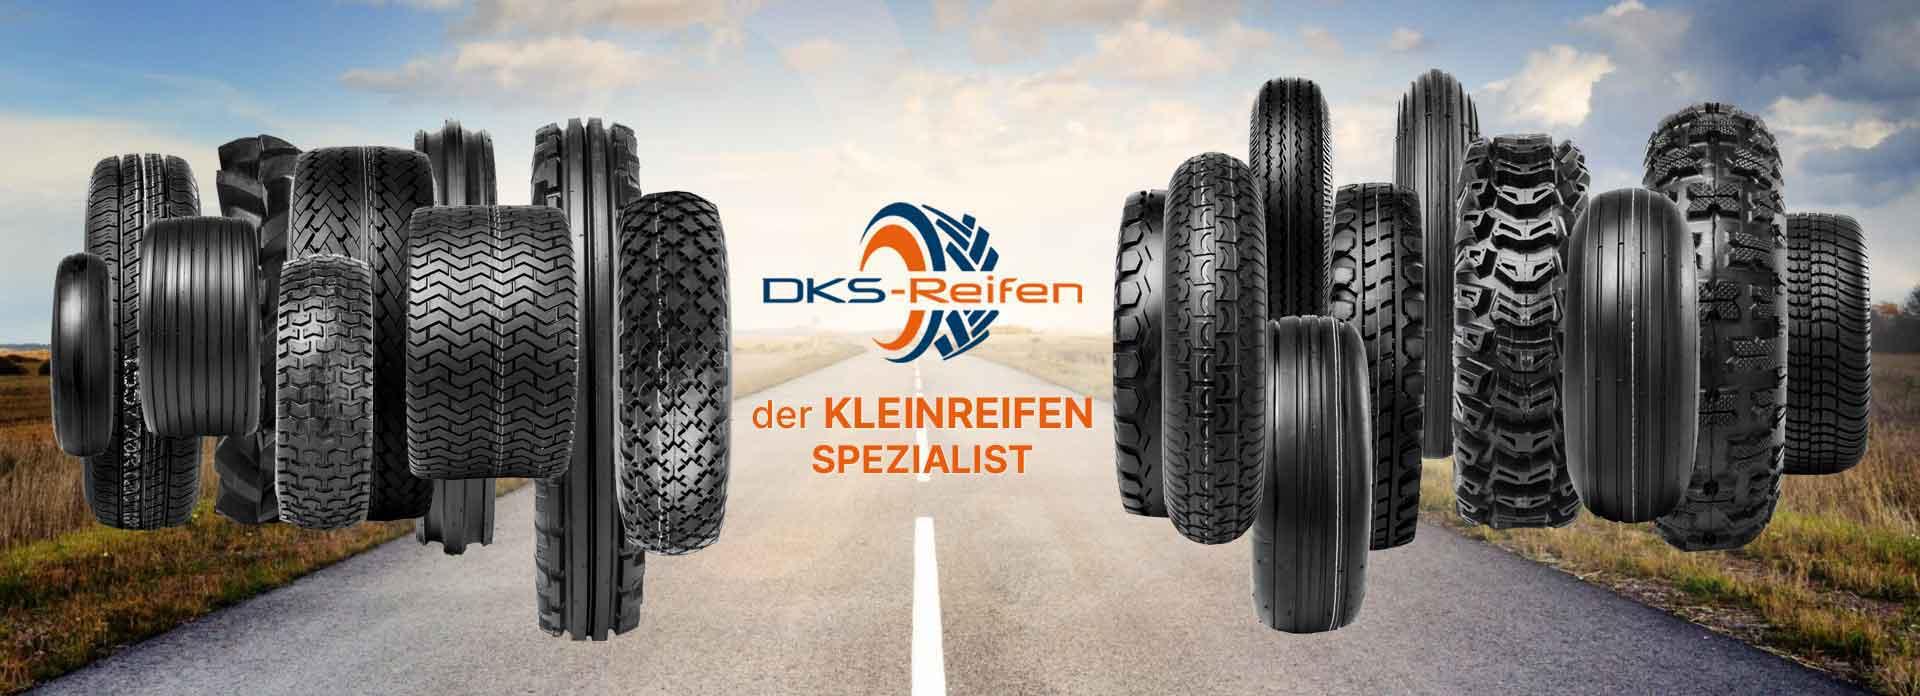 DKS Reifen: Der Onlineshopshop für Kleinreifen und Kompletträder mit ausgezeichnetem Service!